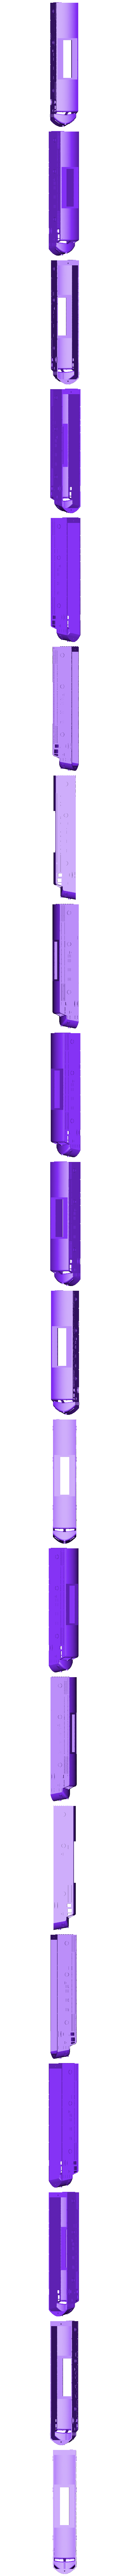 body.stl Télécharger fichier STL gratuit Santa Fe - Super Chief - F-series, Un train miniature à l'échelle 1:87 • Objet pour impression 3D, nenchev